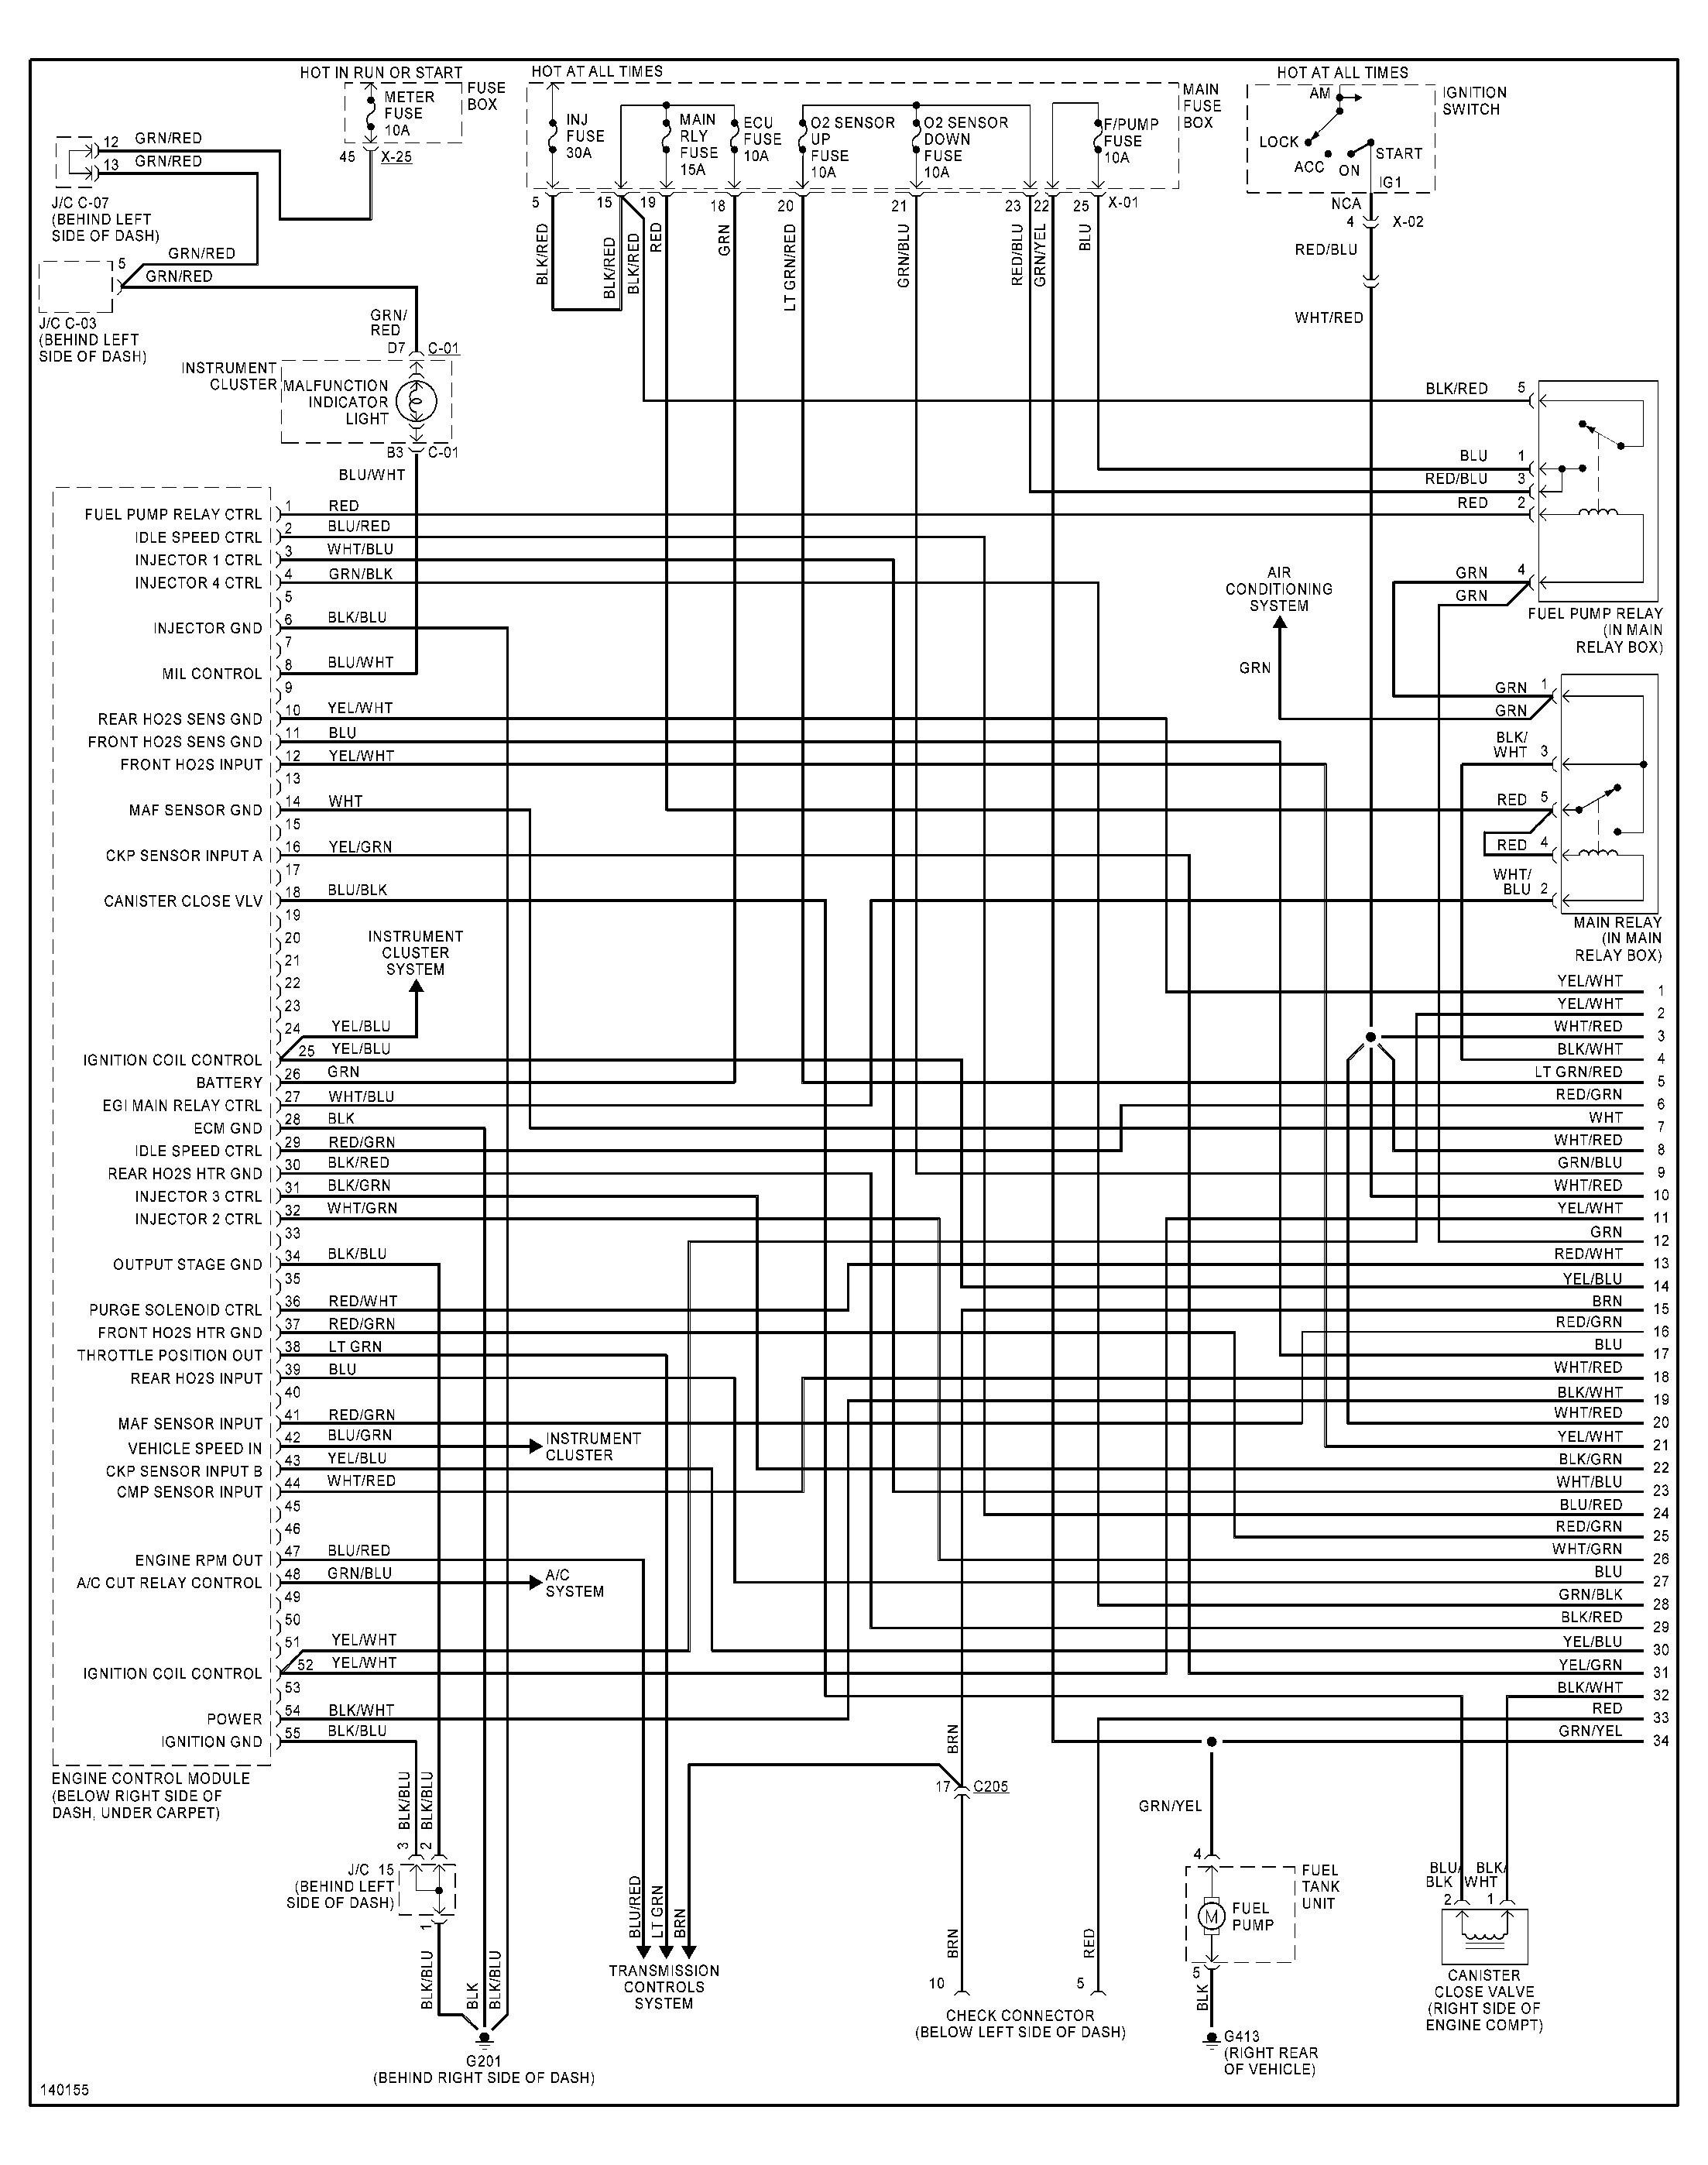 1999 Kia Sephia Engine Diagram Take A Look About 2001kia with Mesmerizing Gallery Of 1999 Kia Sephia Engine Diagram